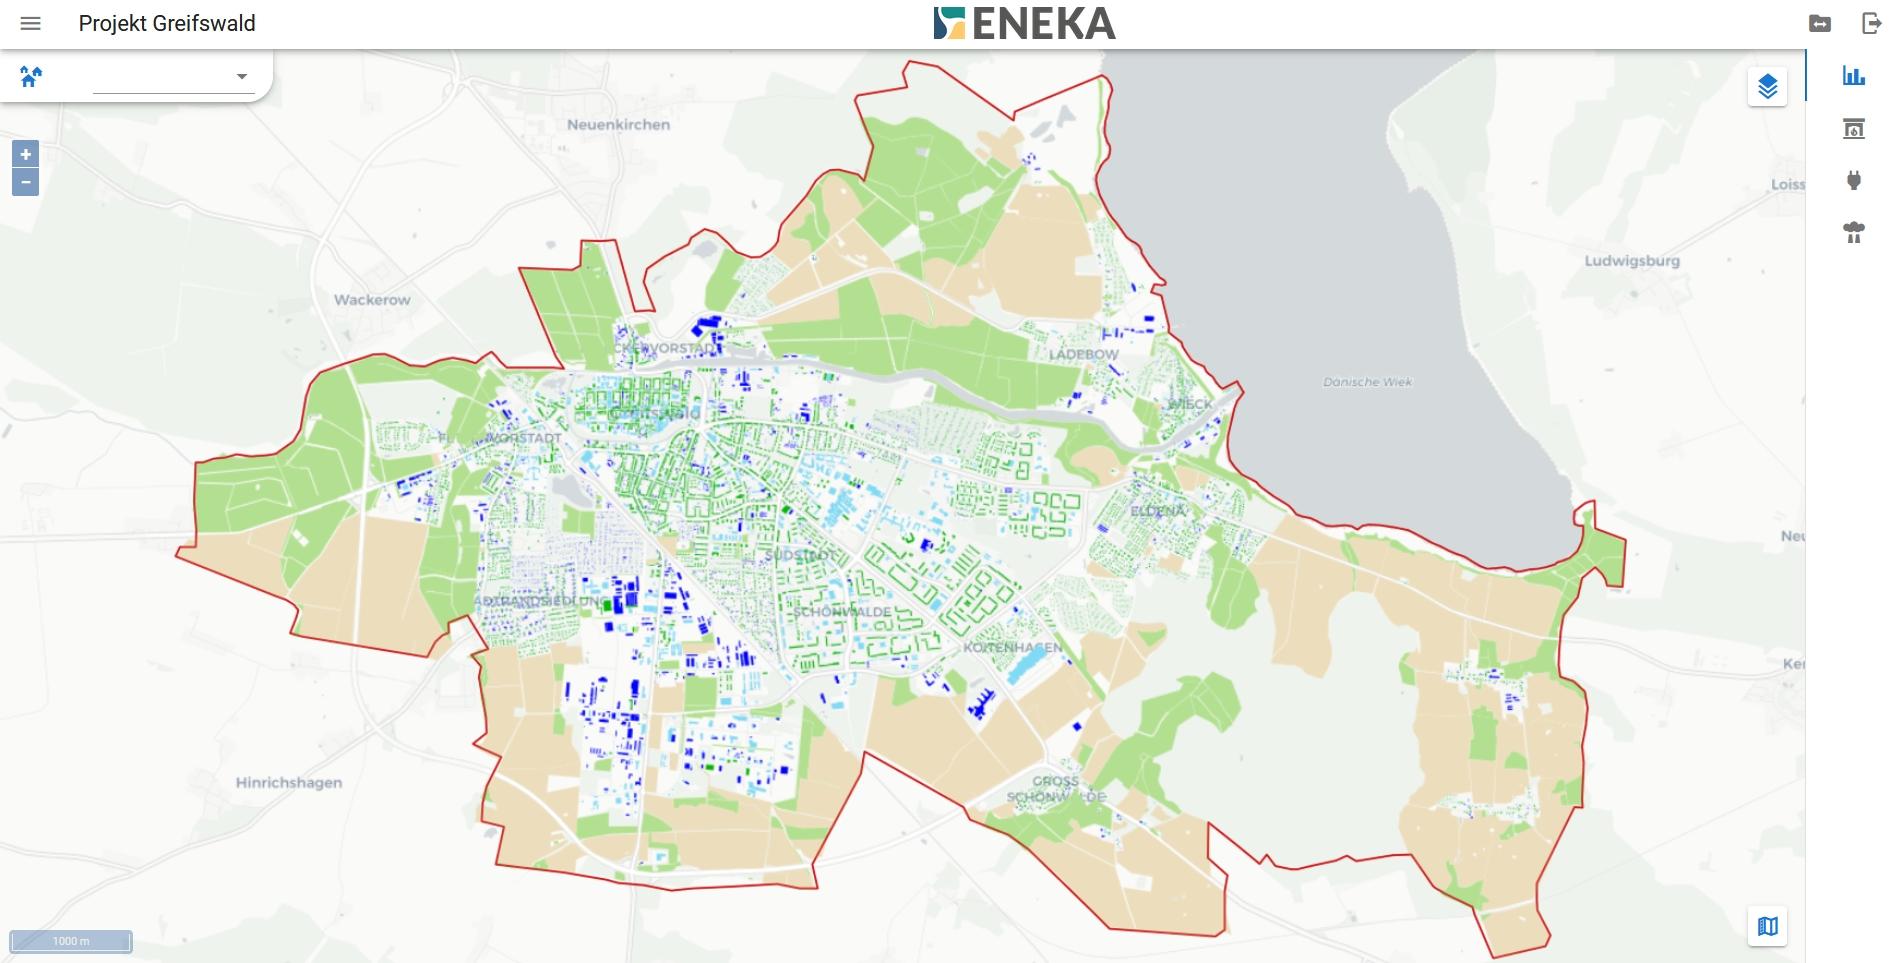 Greifswald Karte Energie